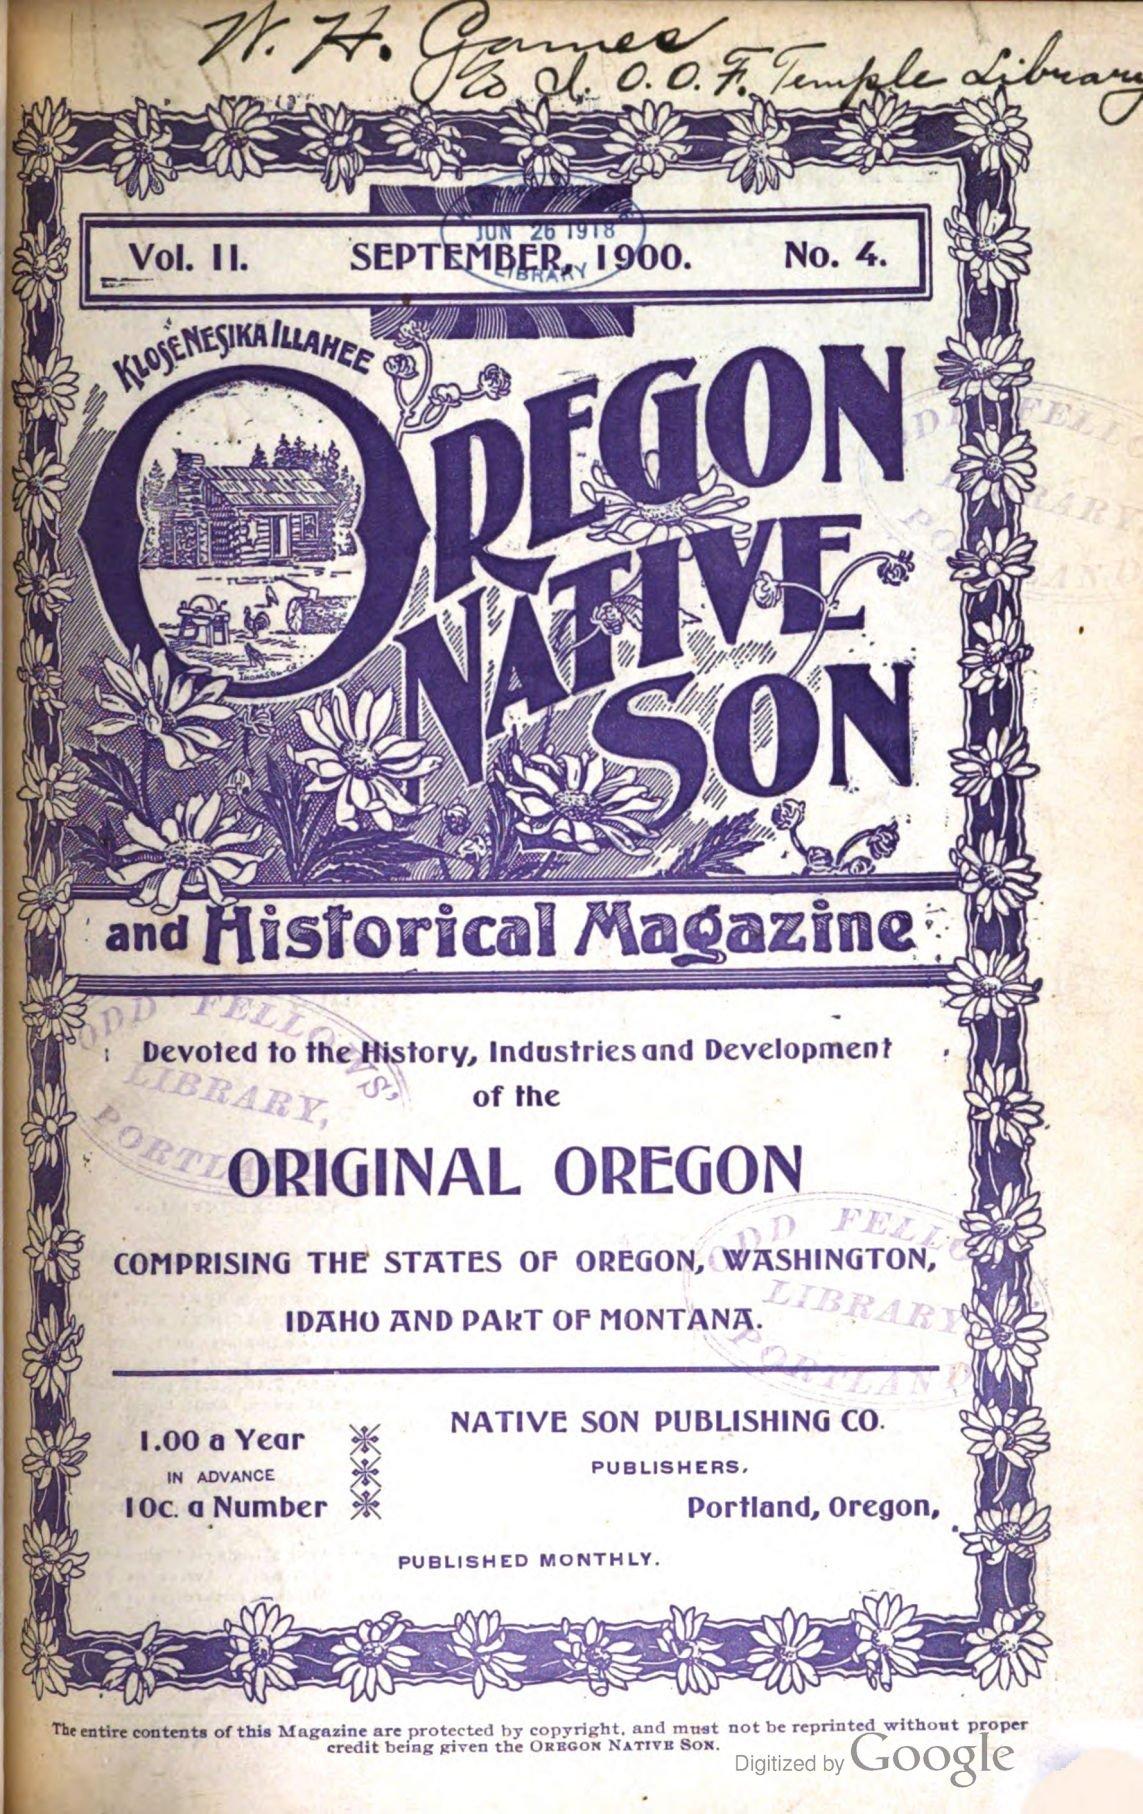 The Oregon Native Son